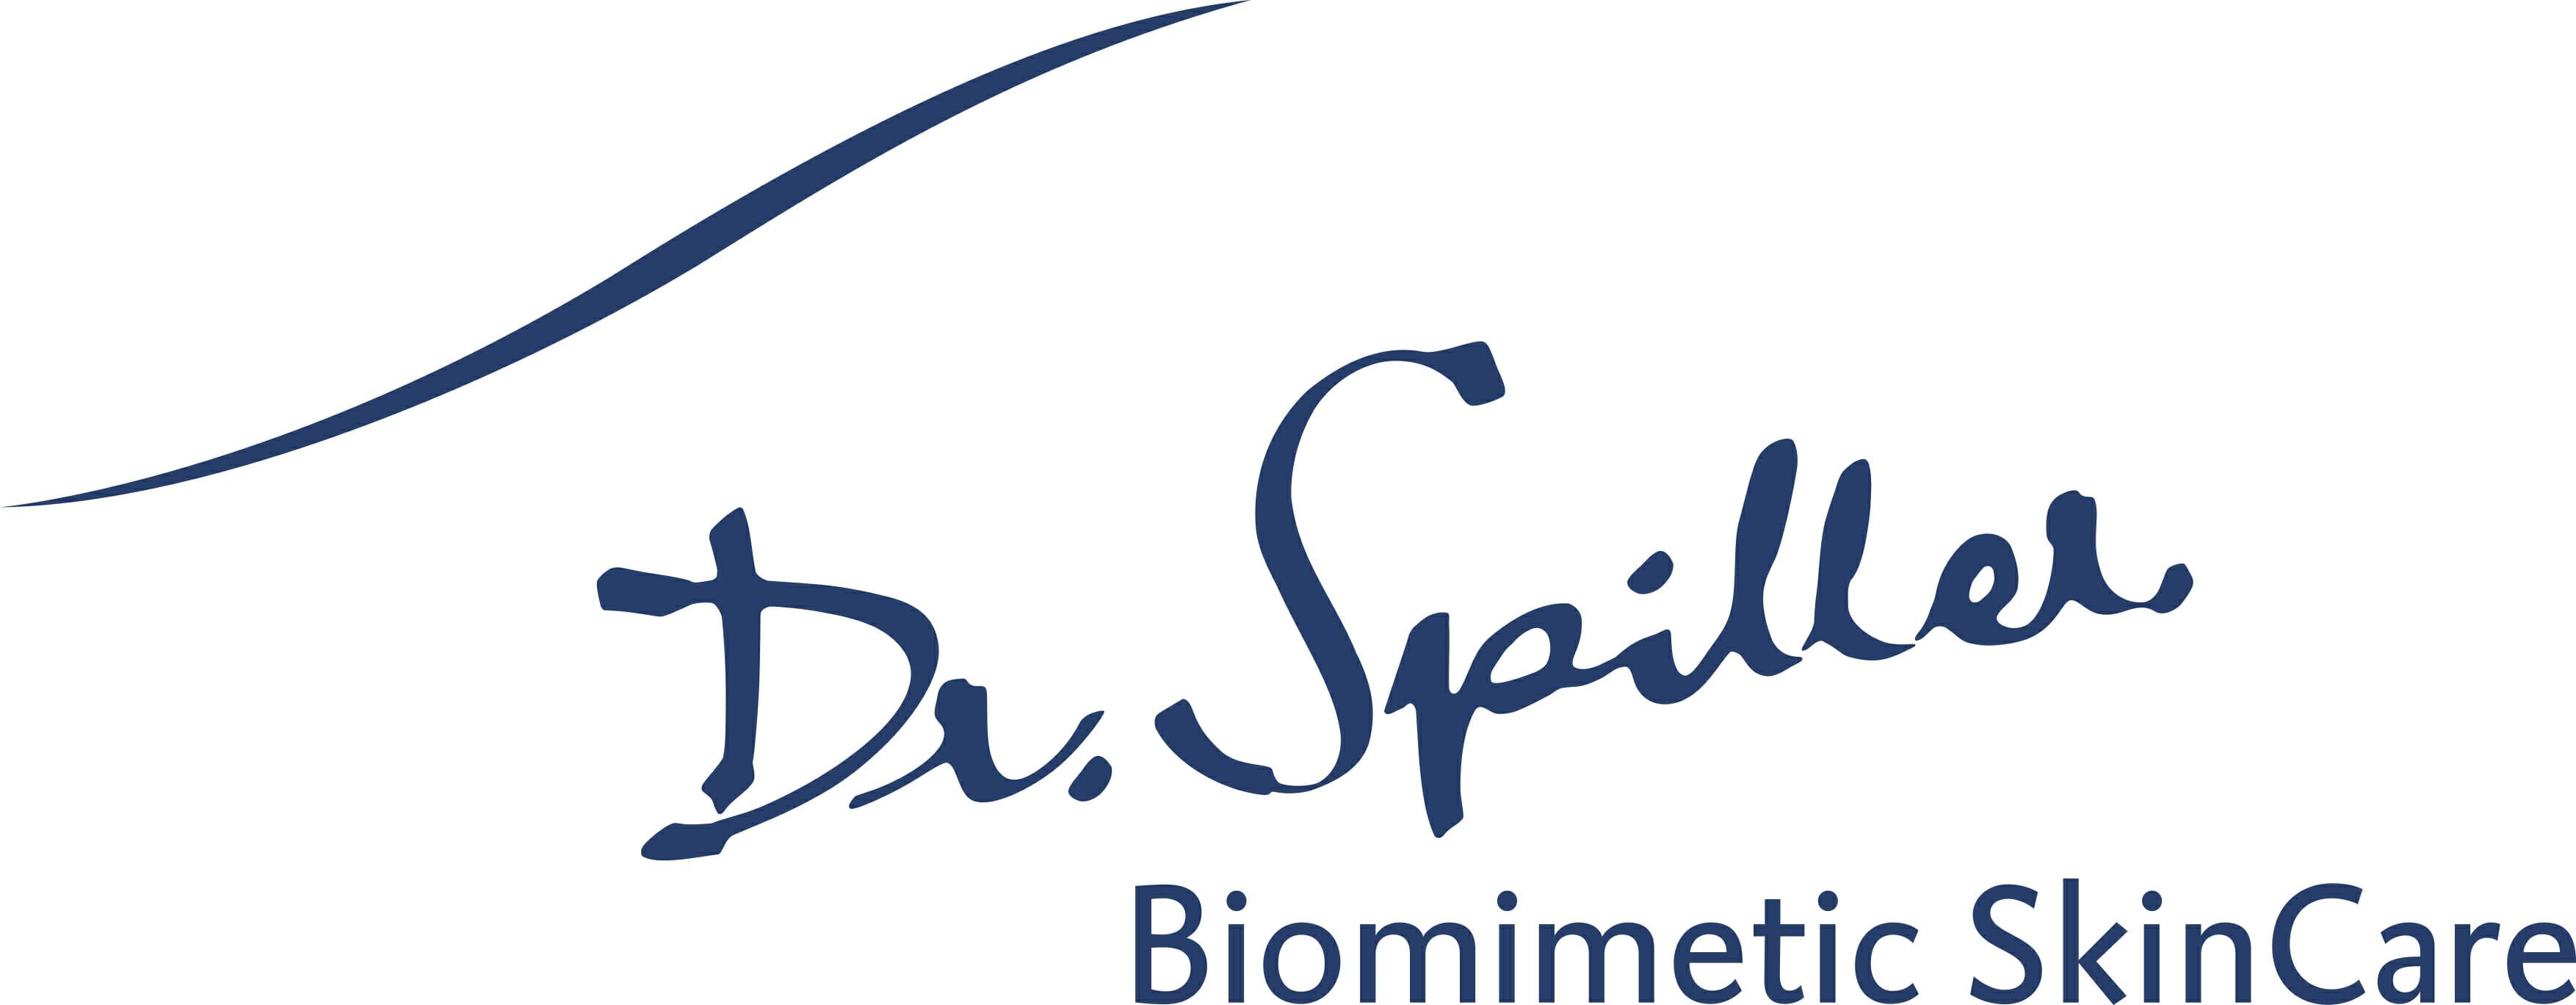 Einfach schön Partner: Dr. Spiller Biomimetic Skin Care